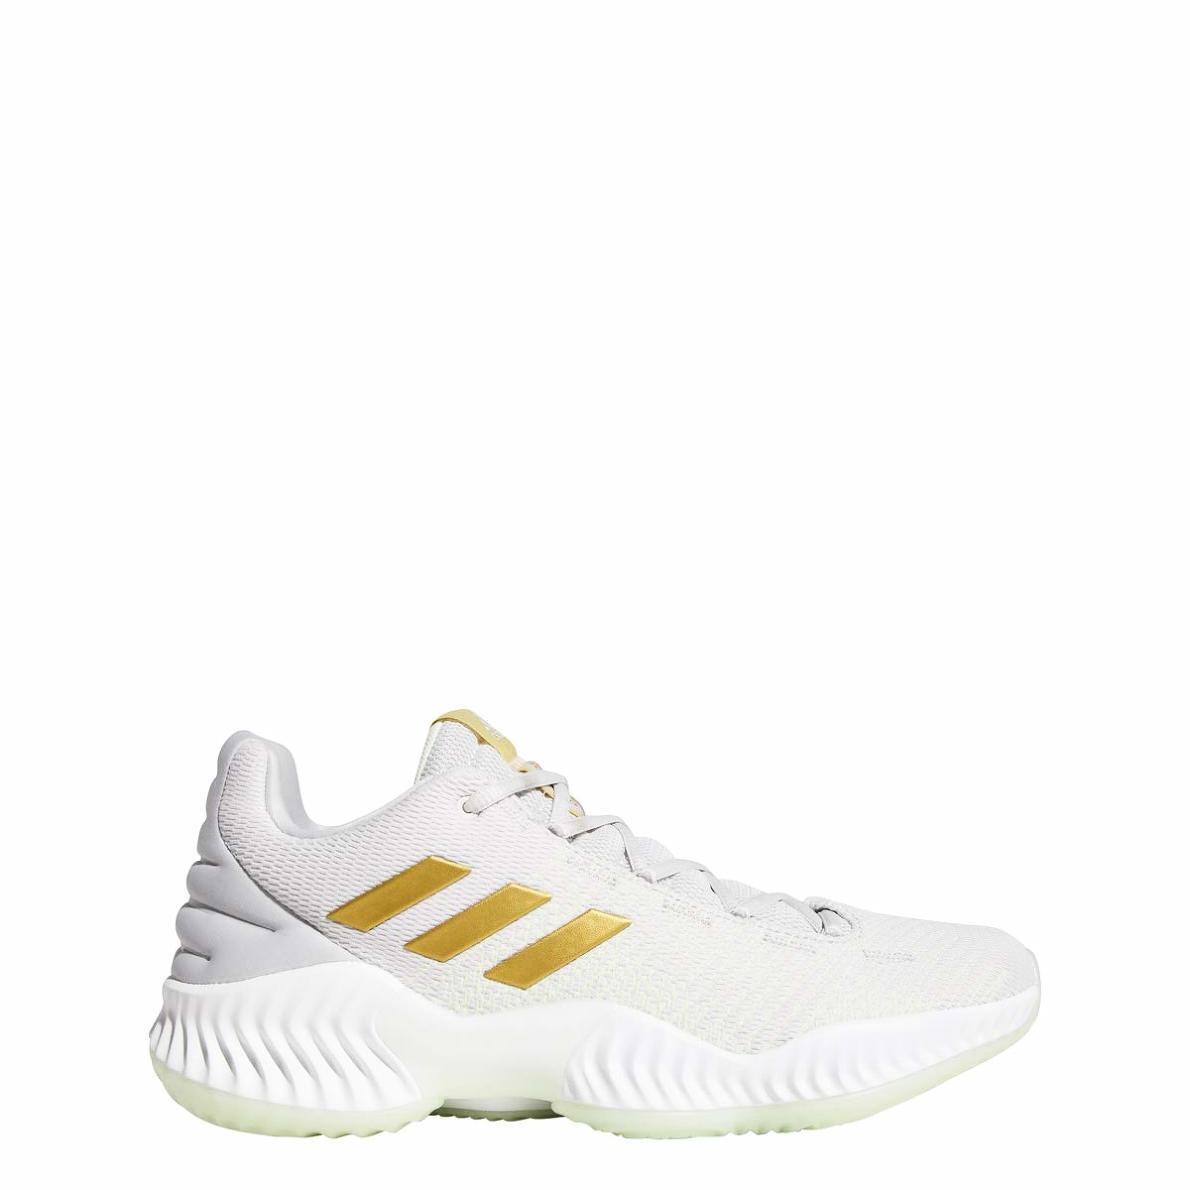 a270485ce Adidas Originals Men s Pro Bounce 2018 Low Basketball shoes - Choose SZ  color